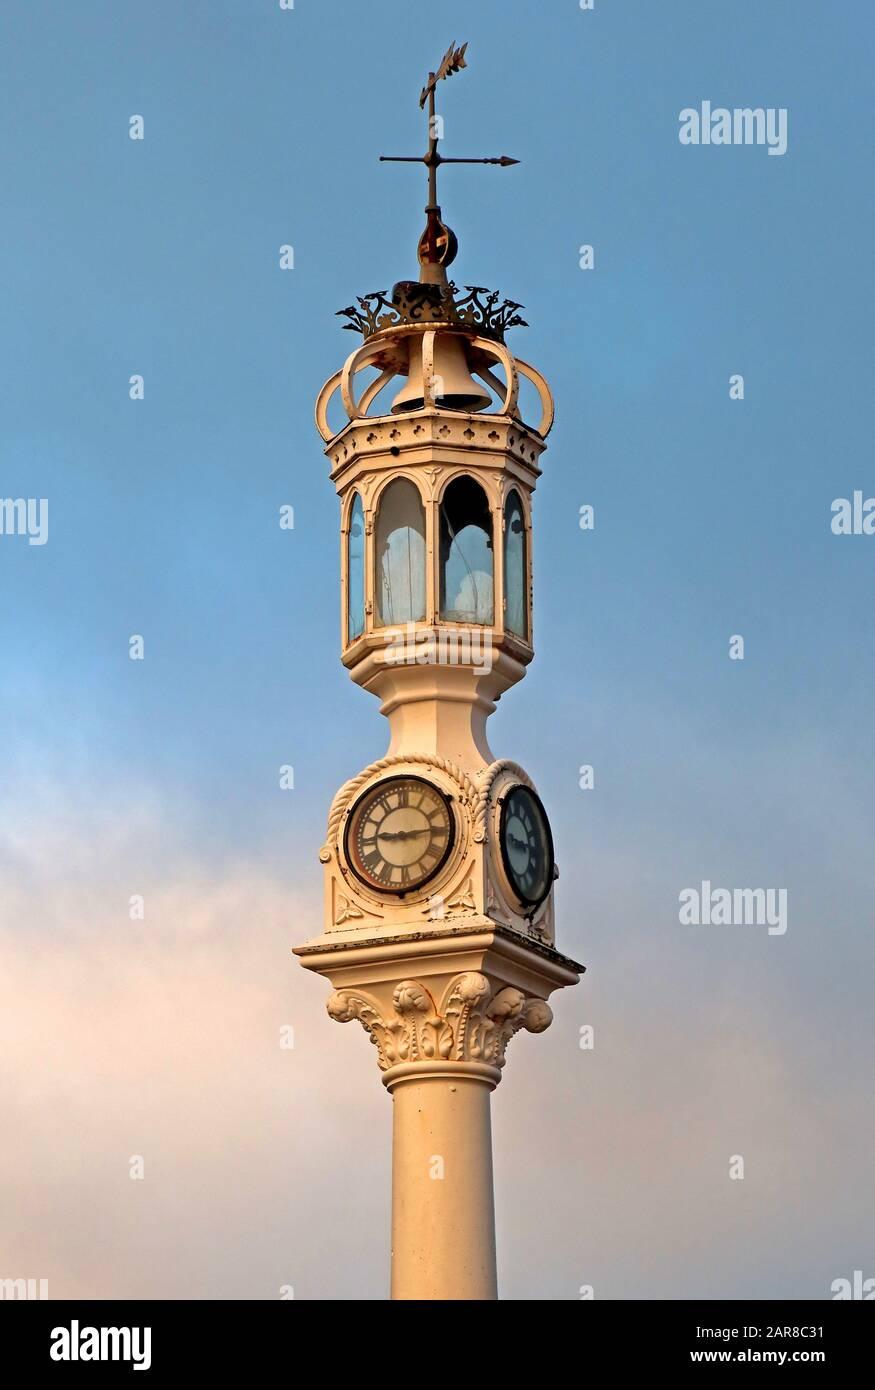 Dieses Stockfoto: Uhr, Leuchtturm, Nebelglocke, am Custom House Quay, Greenock, Inverclyde, Renfrewshire, Schottland, Großbritannien, PA15 1EQ - 2AR8C3